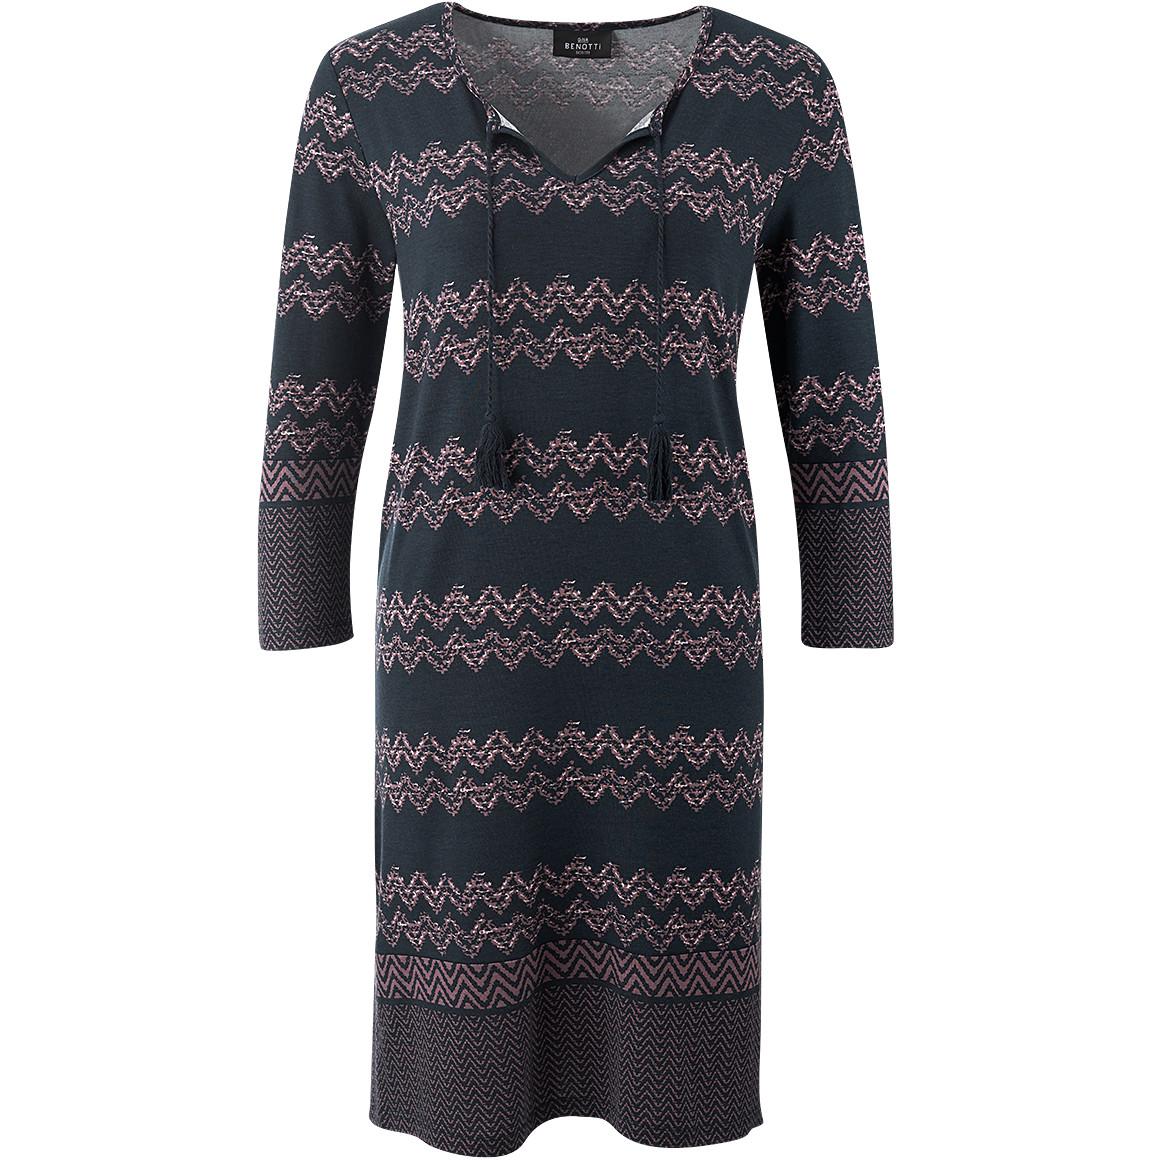 Damen Kleid mit Zick-Zack-Muster jetztbilligerkaufen